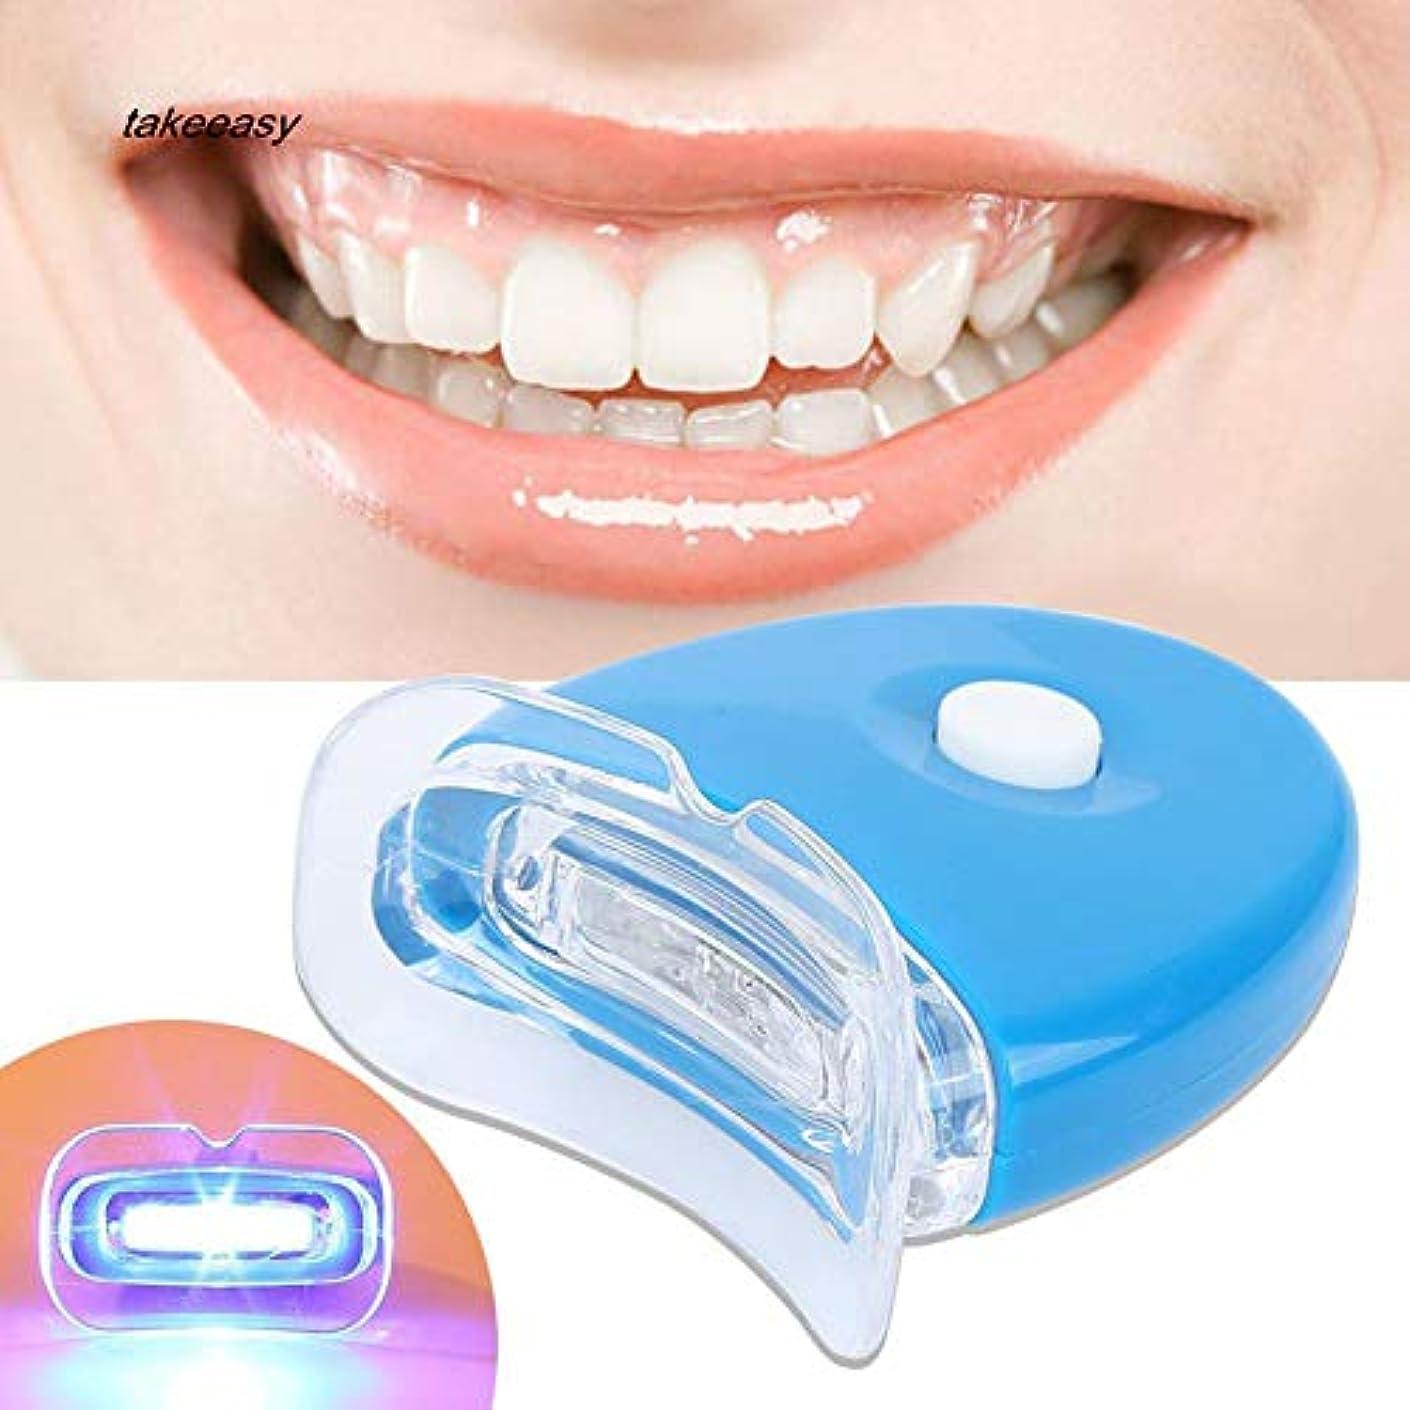 ドット表現大量歯ホワイトニング器 歯美白器 美歯器 ホワイトニング ホワイトナー ケア 歯の消しゴム 歯科機器 口腔ゲルキット ライト付き 歯を白くする